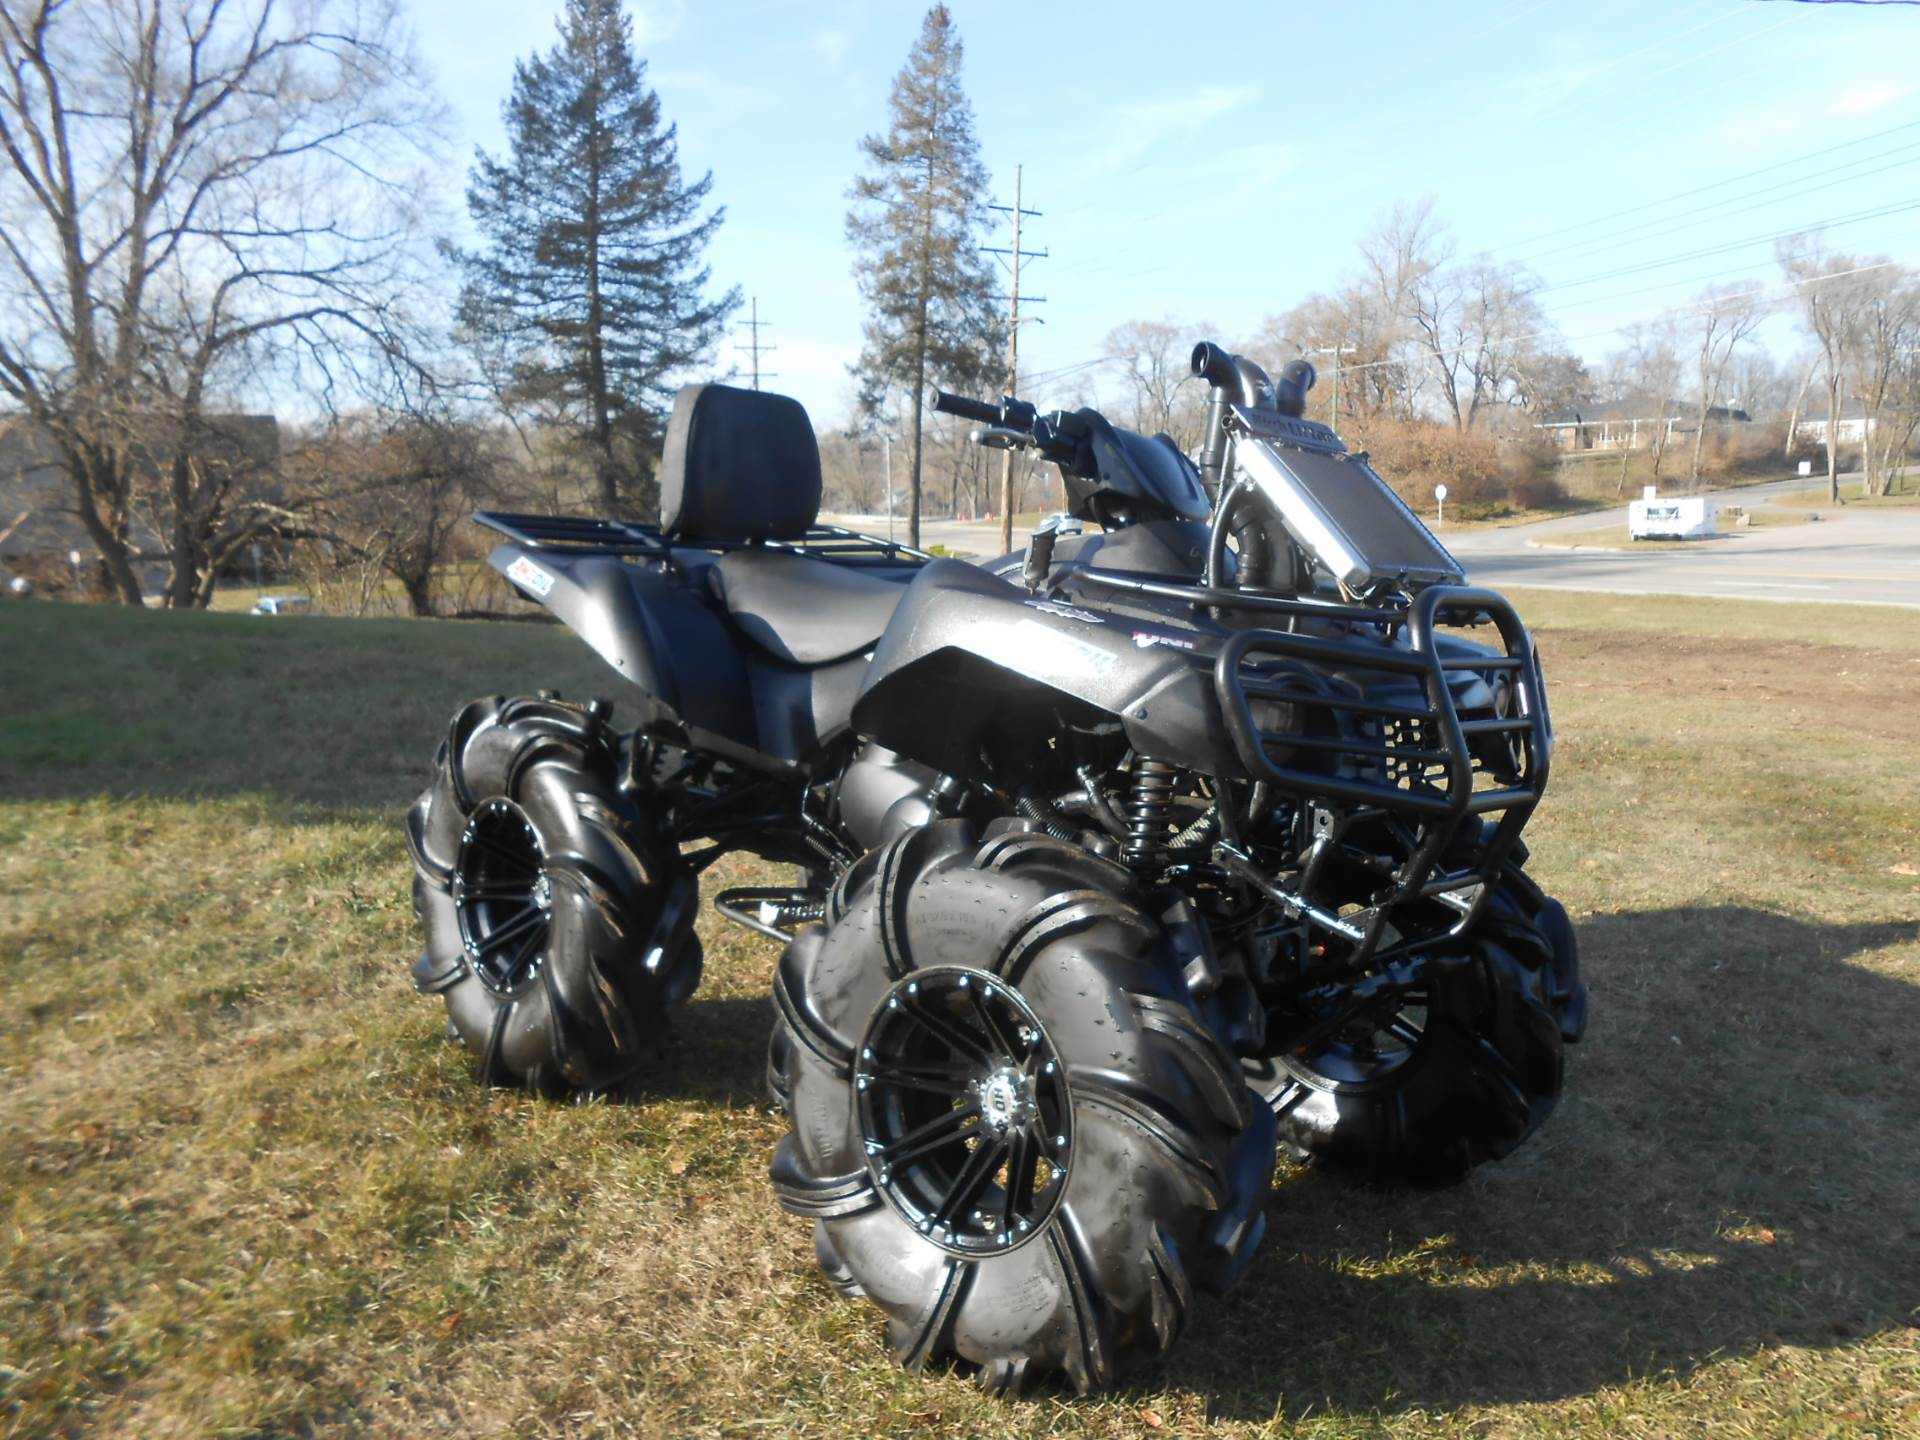 2008 Brute Force 750 4x4i